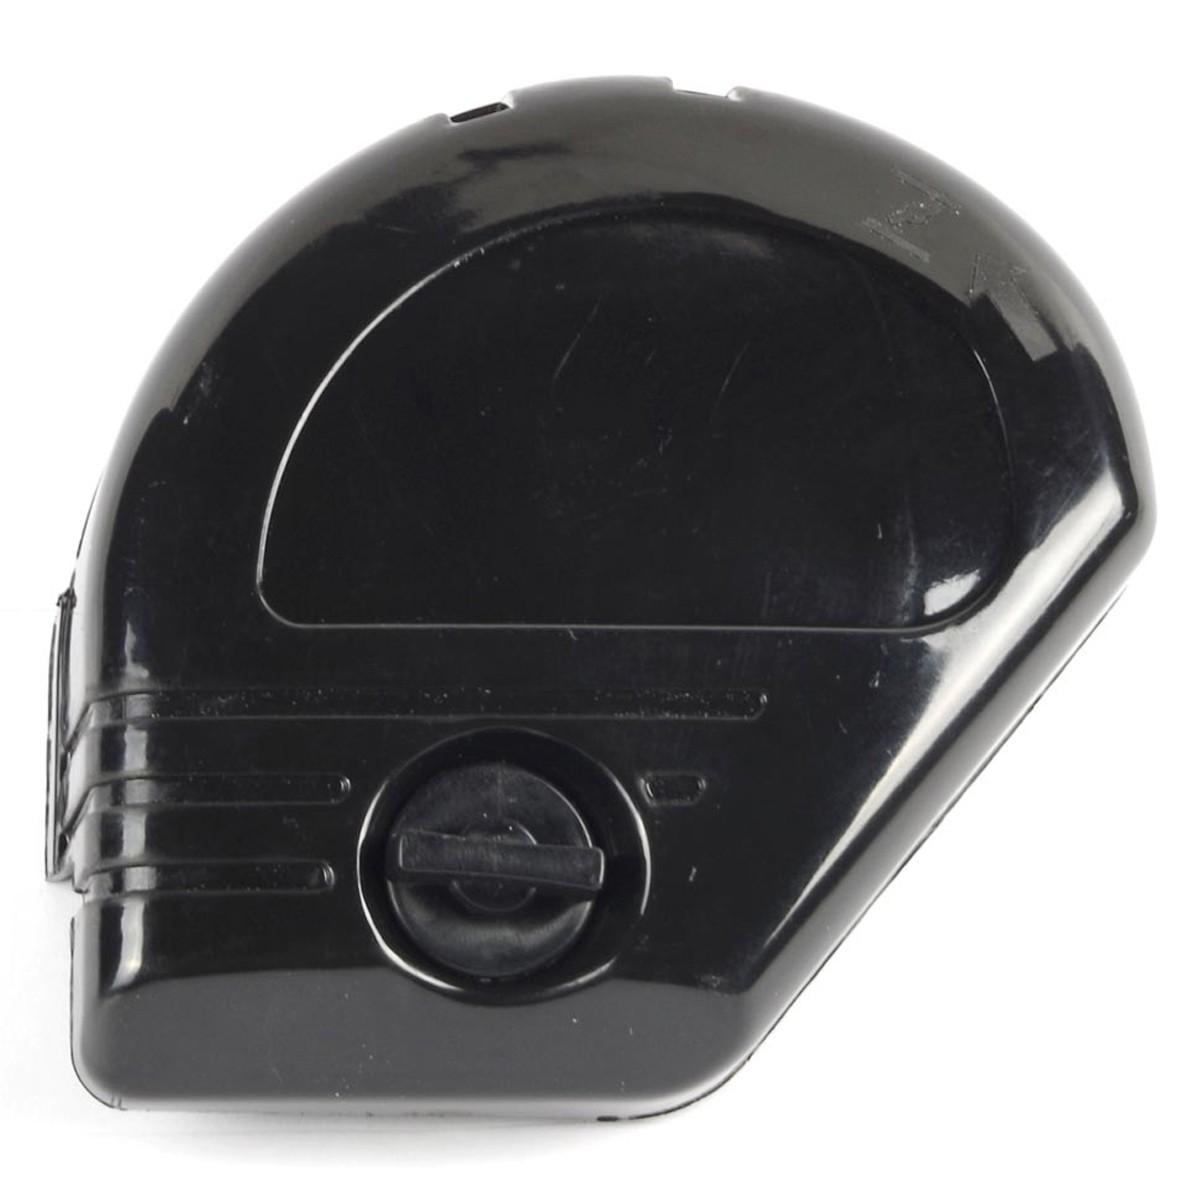 geh use abdeckung luftfilter f r brast benzin 4 takt motorsense freischneider. Black Bedroom Furniture Sets. Home Design Ideas